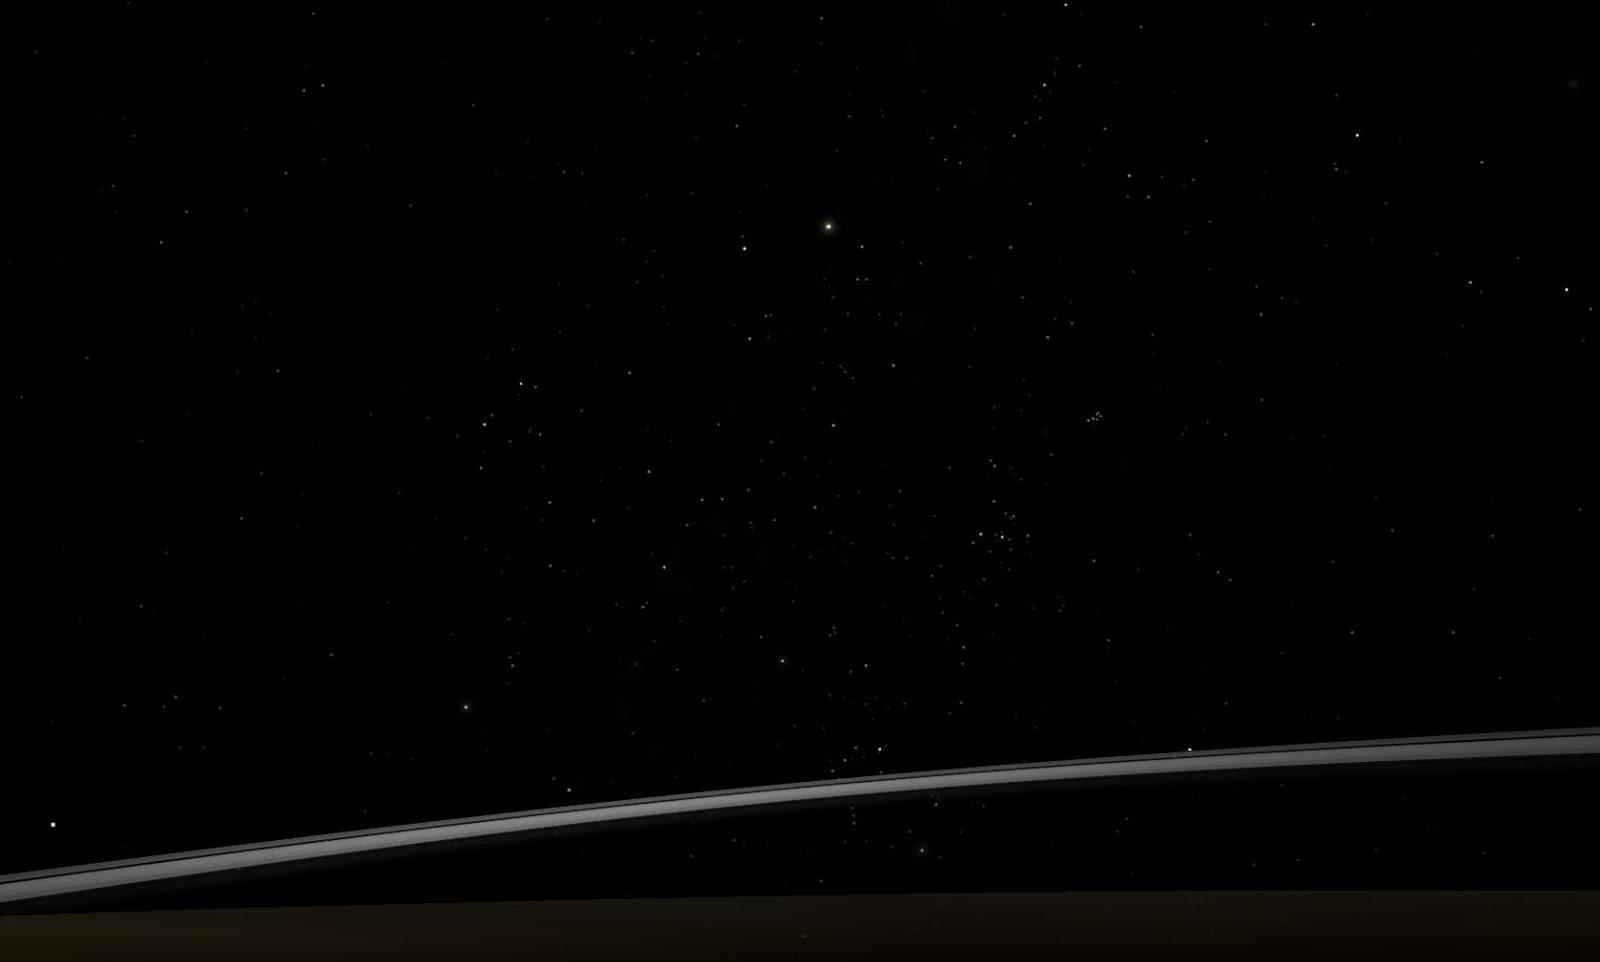 Vành đai của hành tinh Thổ và vệ tinh Titan của nó trong chòm sao Orion. Tác giả : John Brady ở Astronomy Central trên mạng xã hội Reddit.